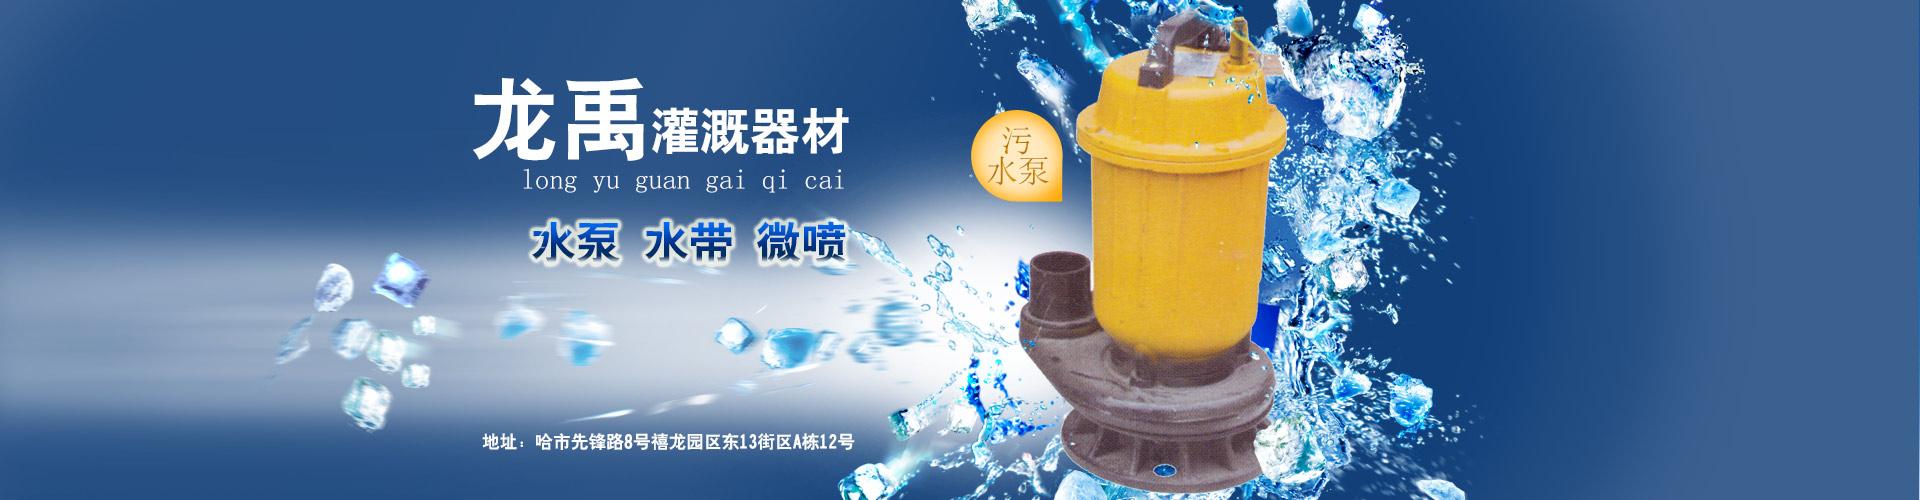 哈尔滨市禧龙综合批发大市场龙禹灌溉器材商店宣传主图